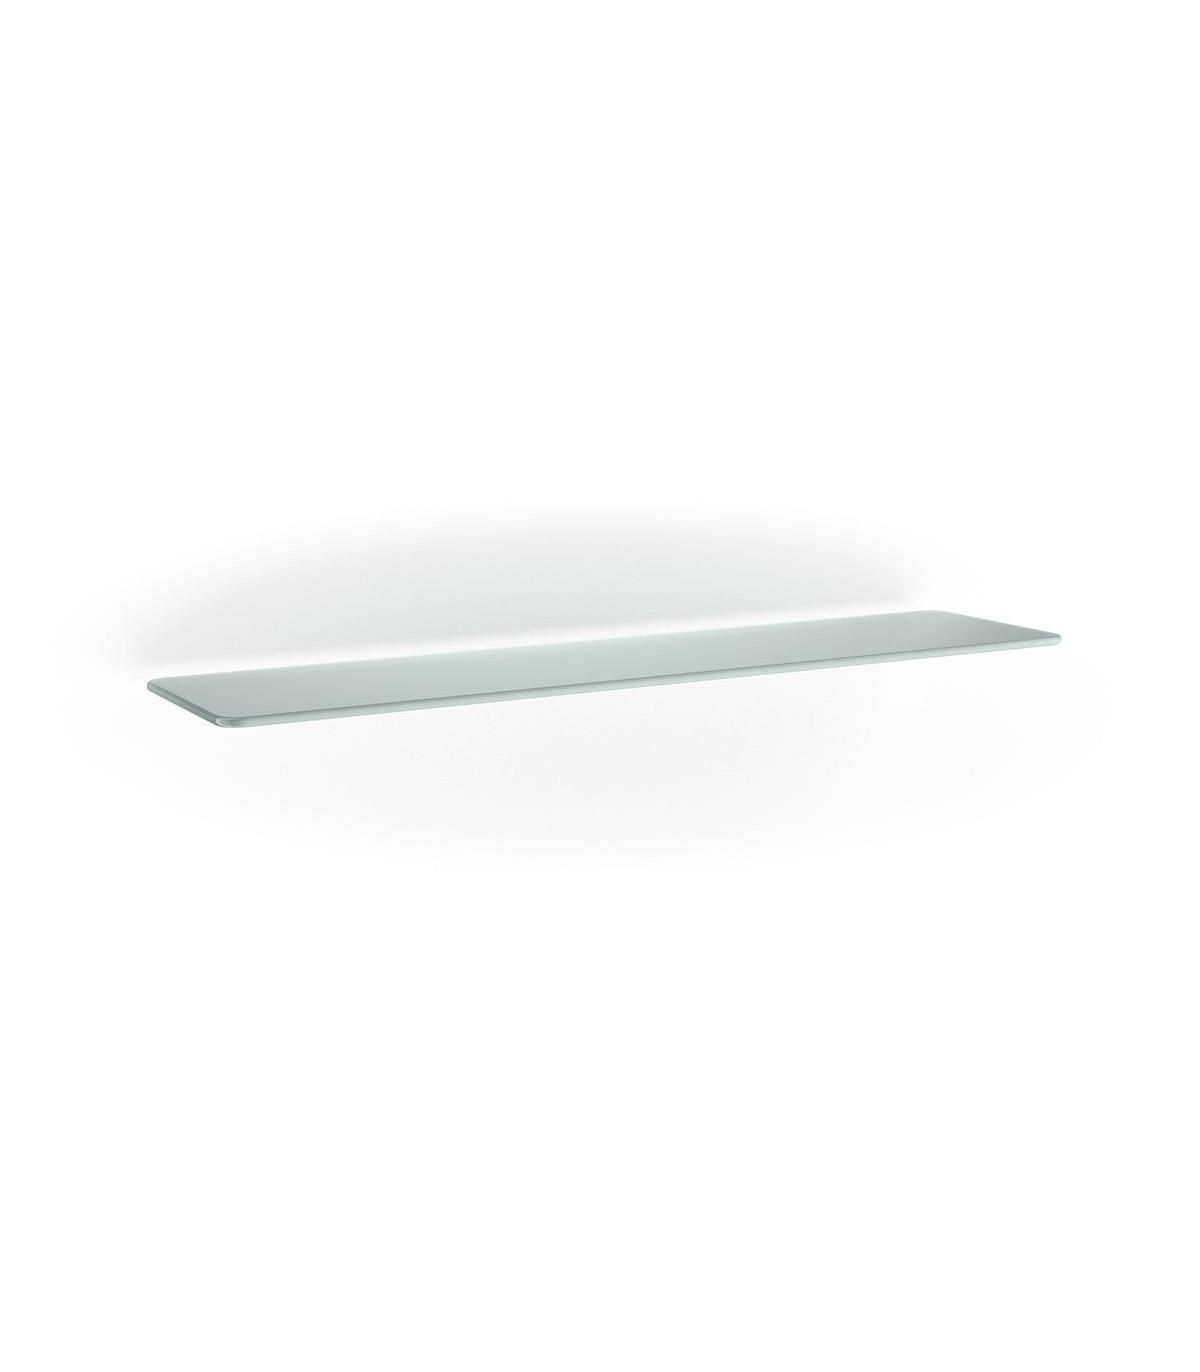 Bureau D Angle Arrondi tablette en verre 800/150/6 mm avec 2 angles arrondis série